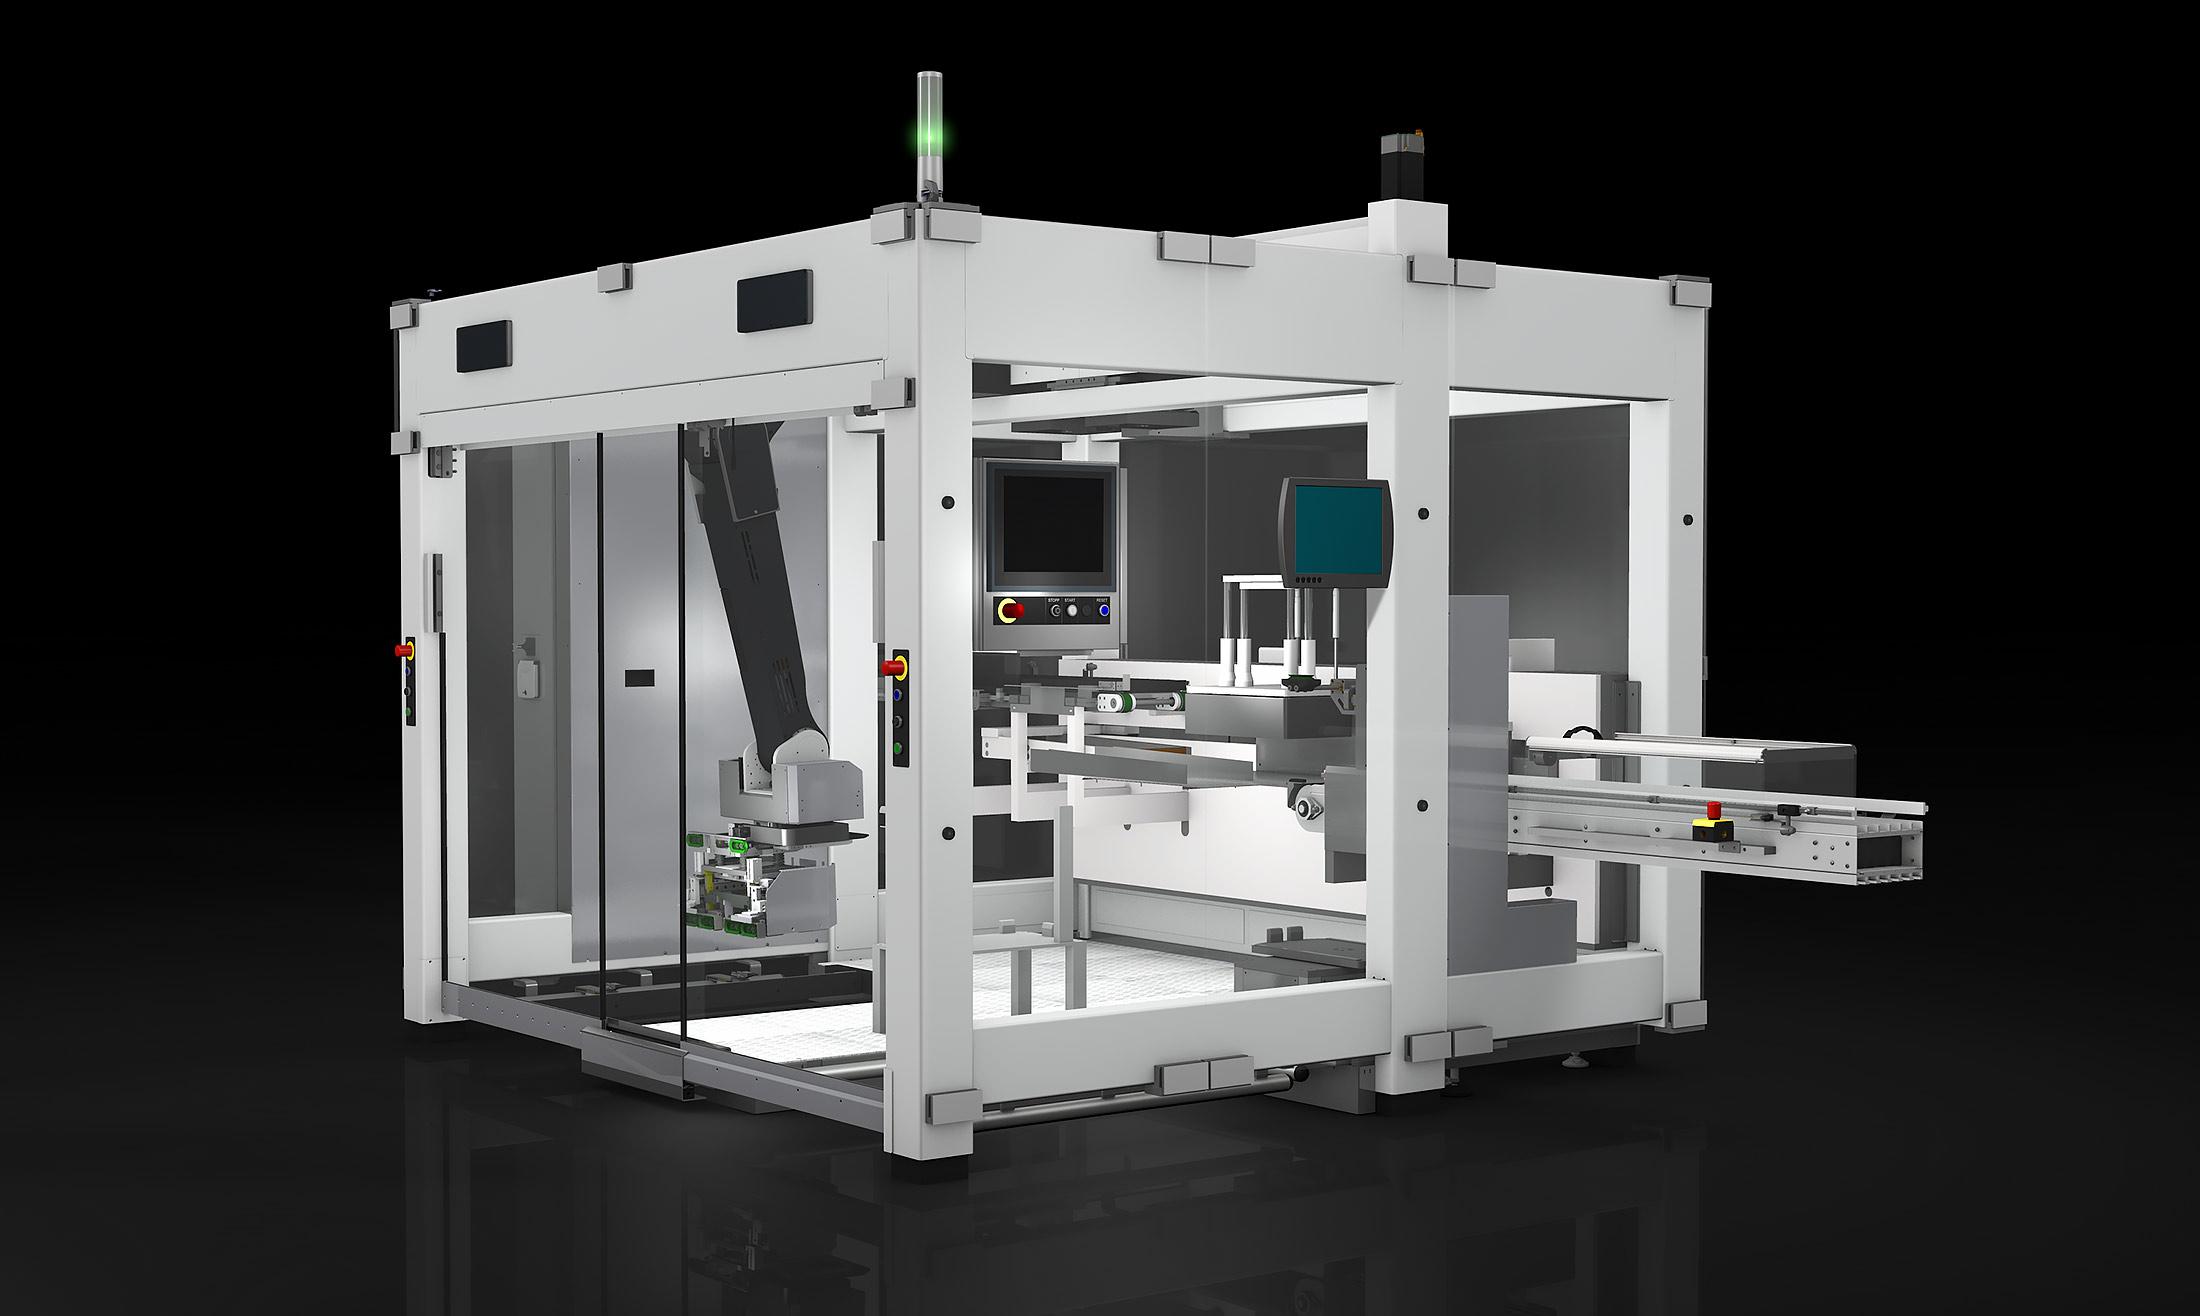 Robotic Tray Depalletizer